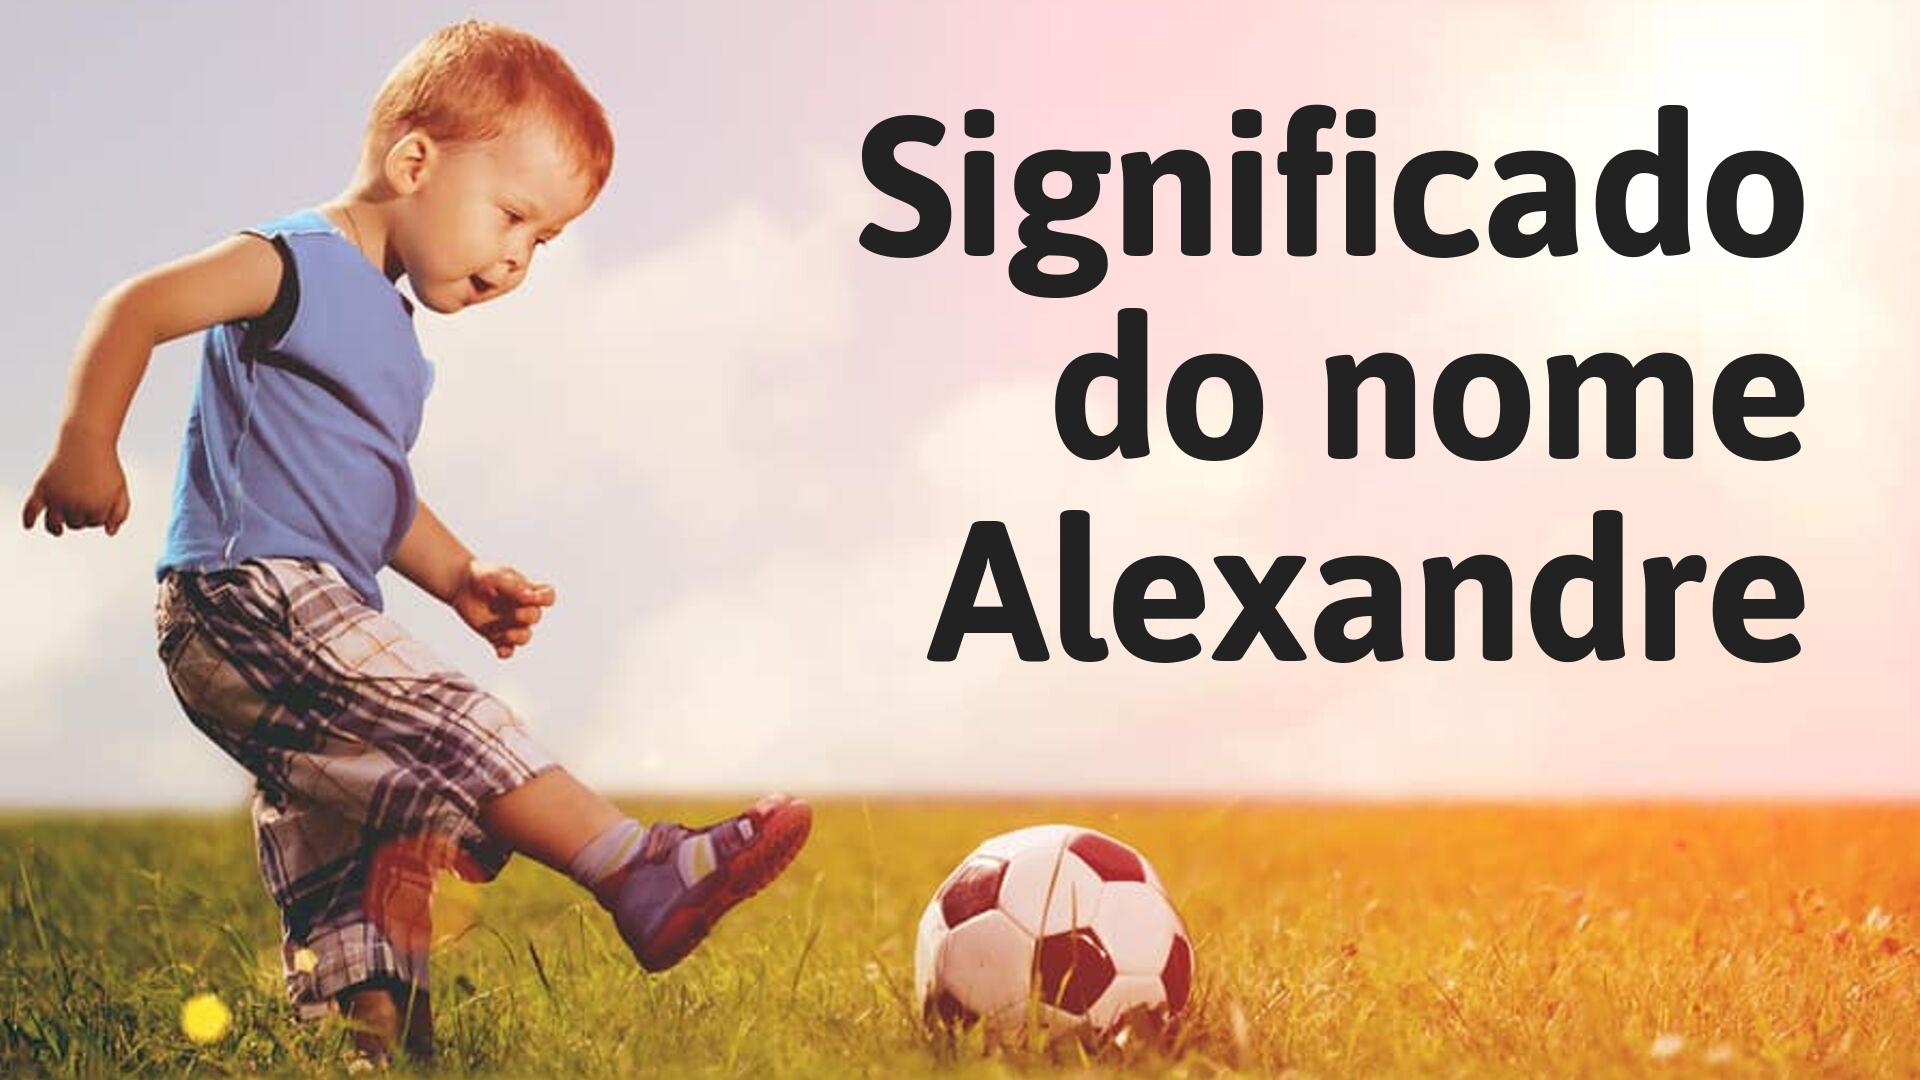 foto escrita significado do nome alexandre